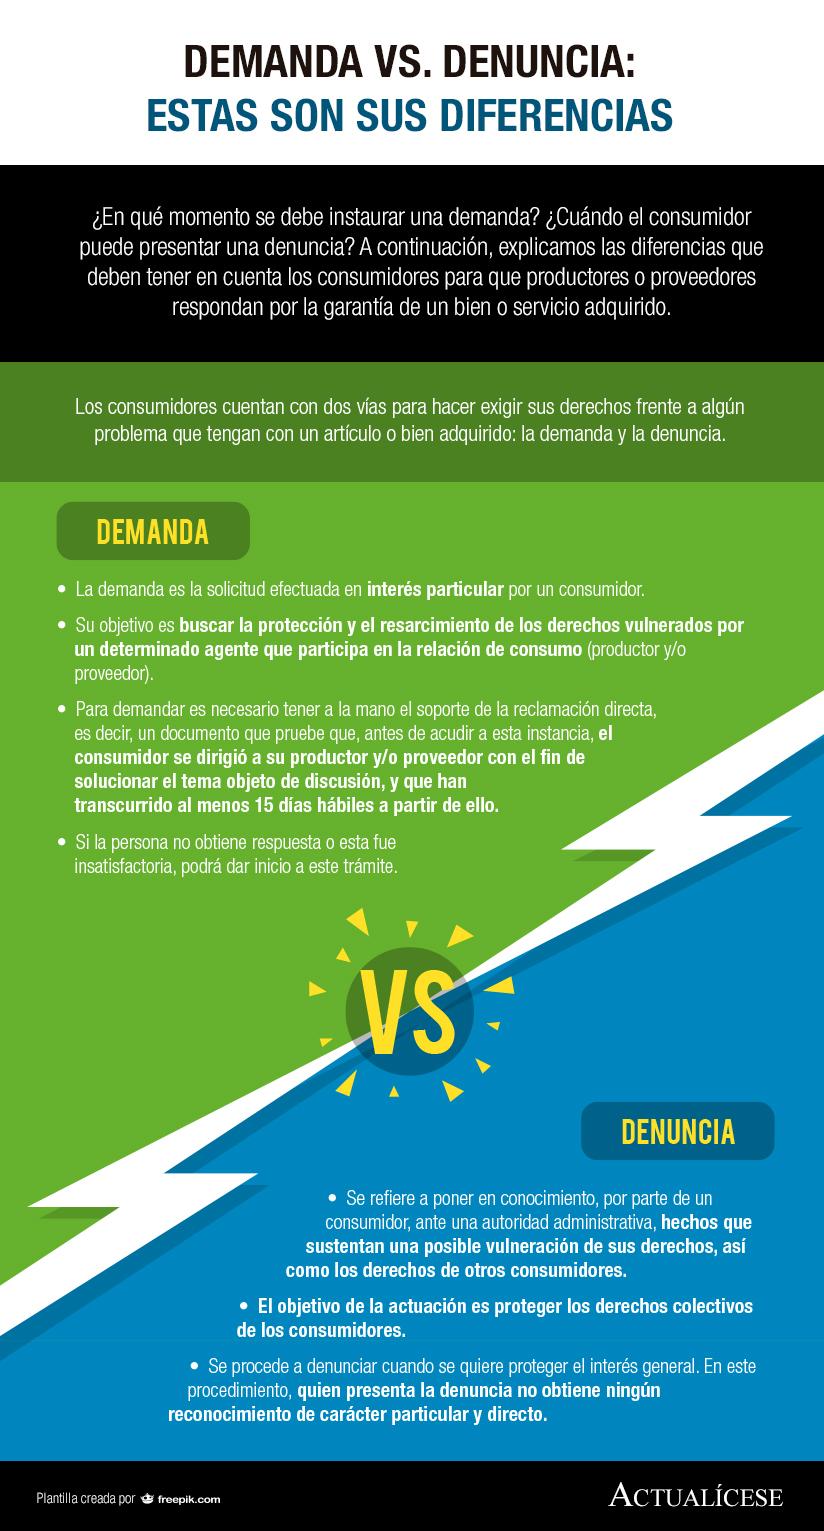 [Infografía] Demanda vs. denuncia: estas son sus diferencias